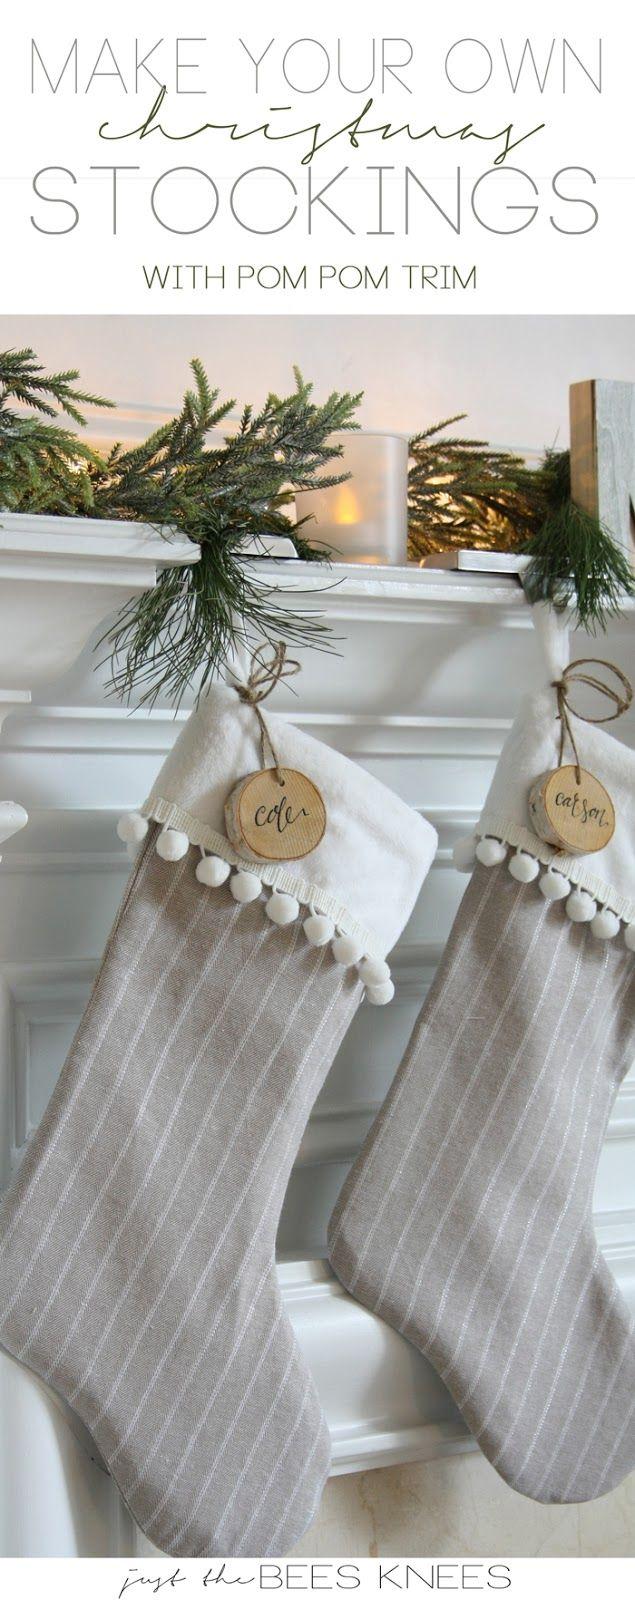 diy pom pom trim stocking tutorial a quick and easy christmas